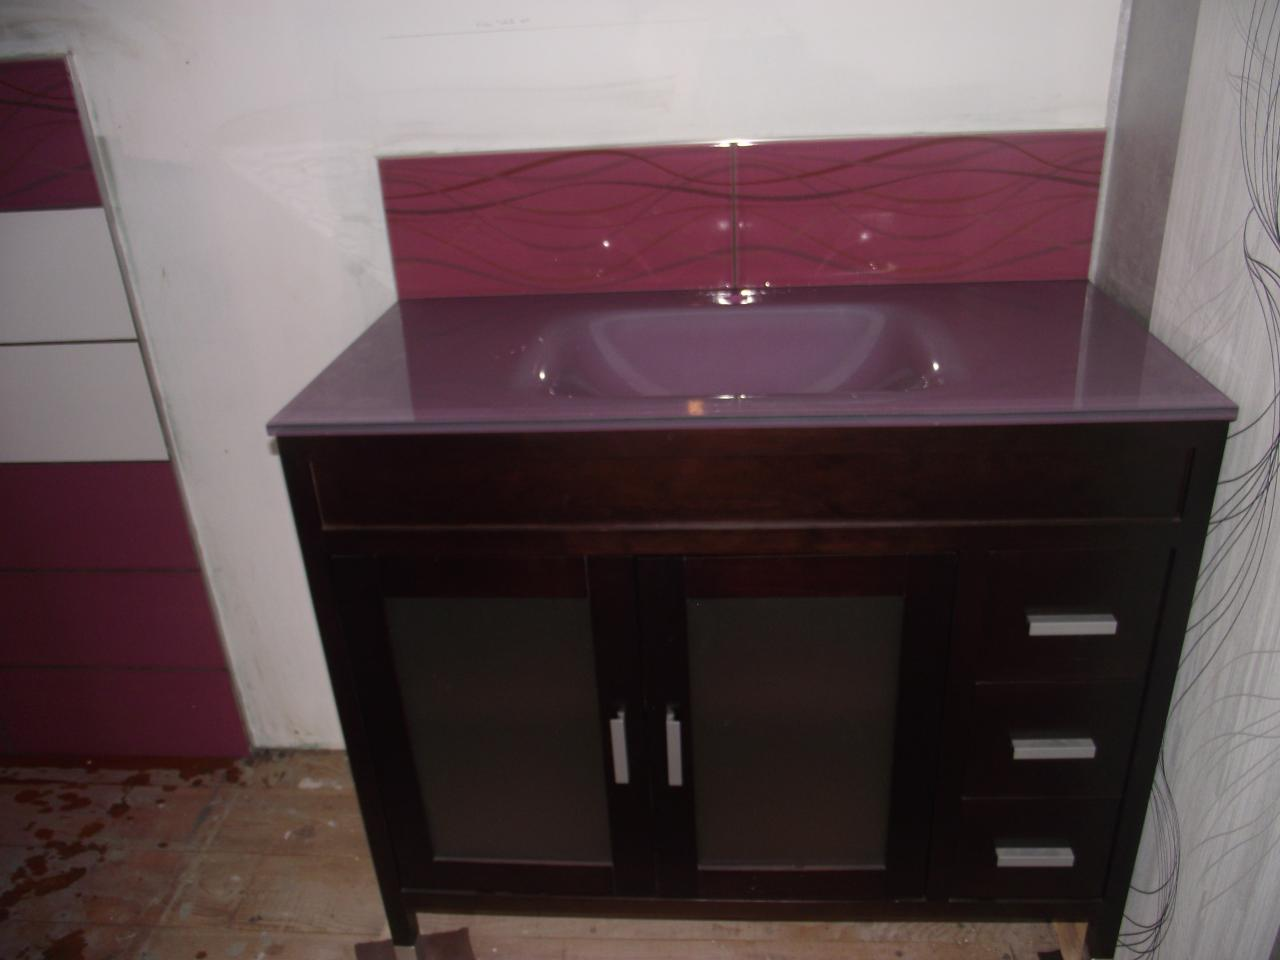 Carrelage pos au dessus lavabo sdb - Paravent salle de bain ...